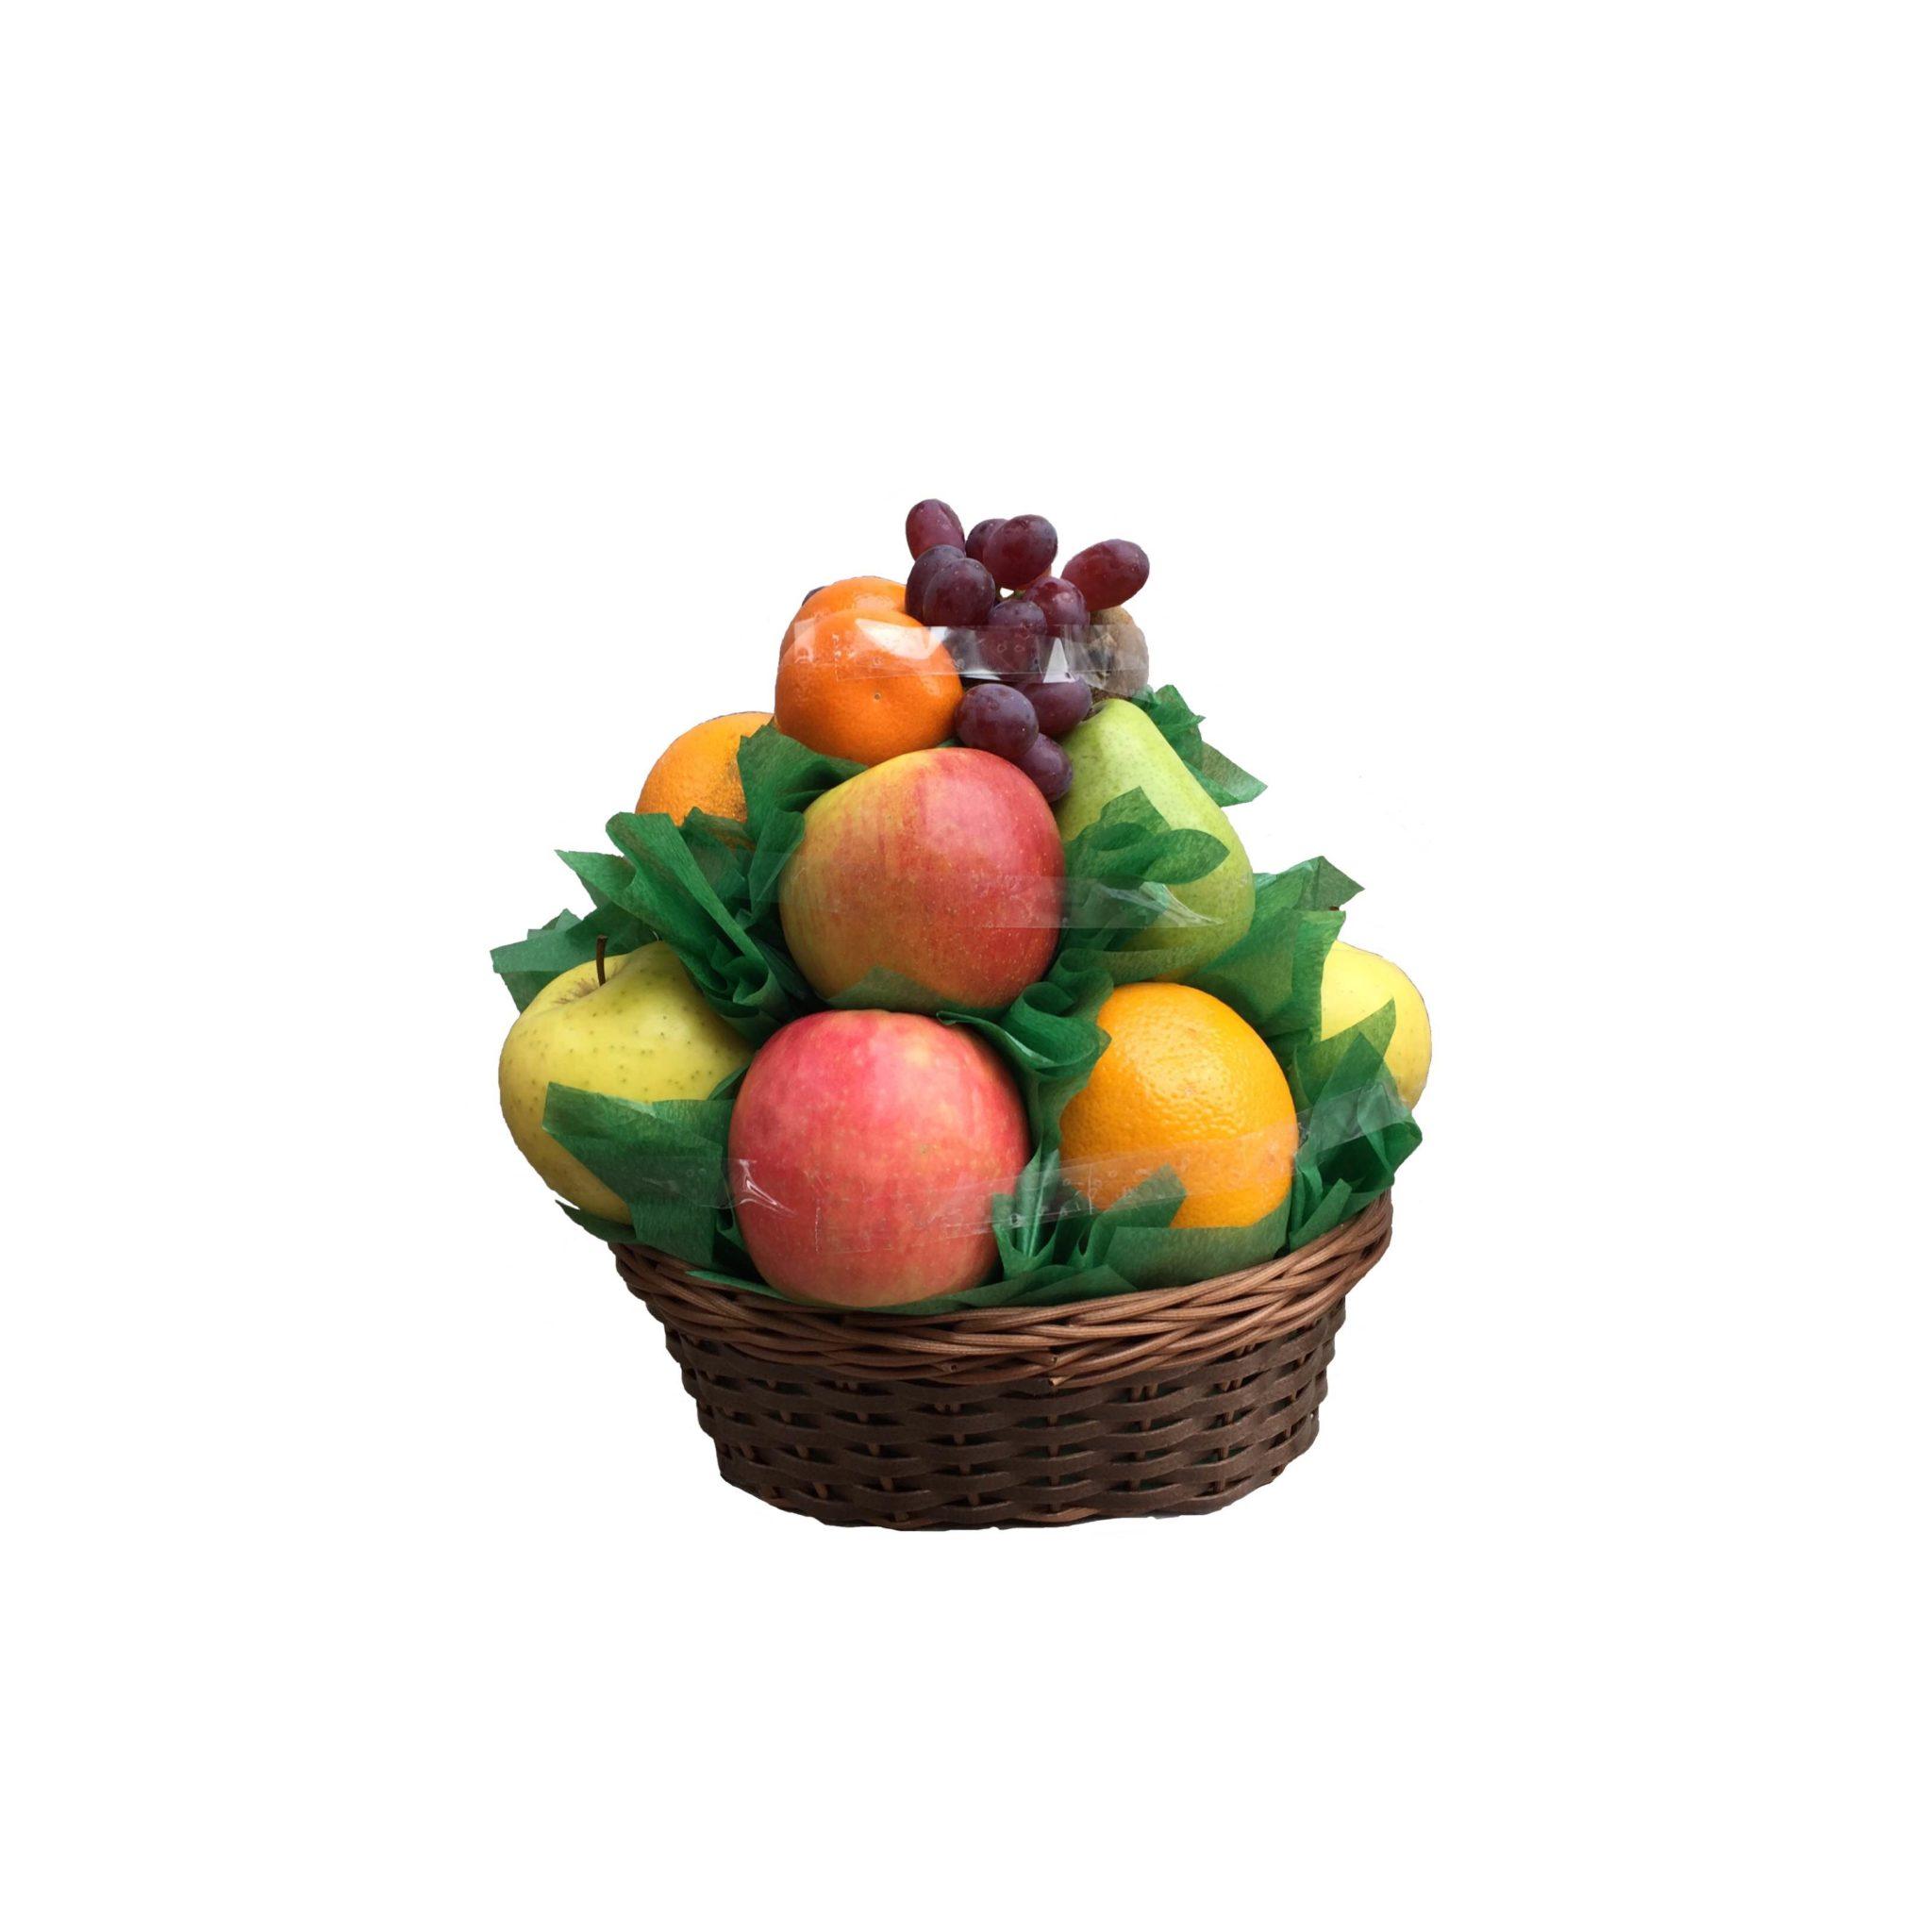 Fruit Baskets-Under $24.99